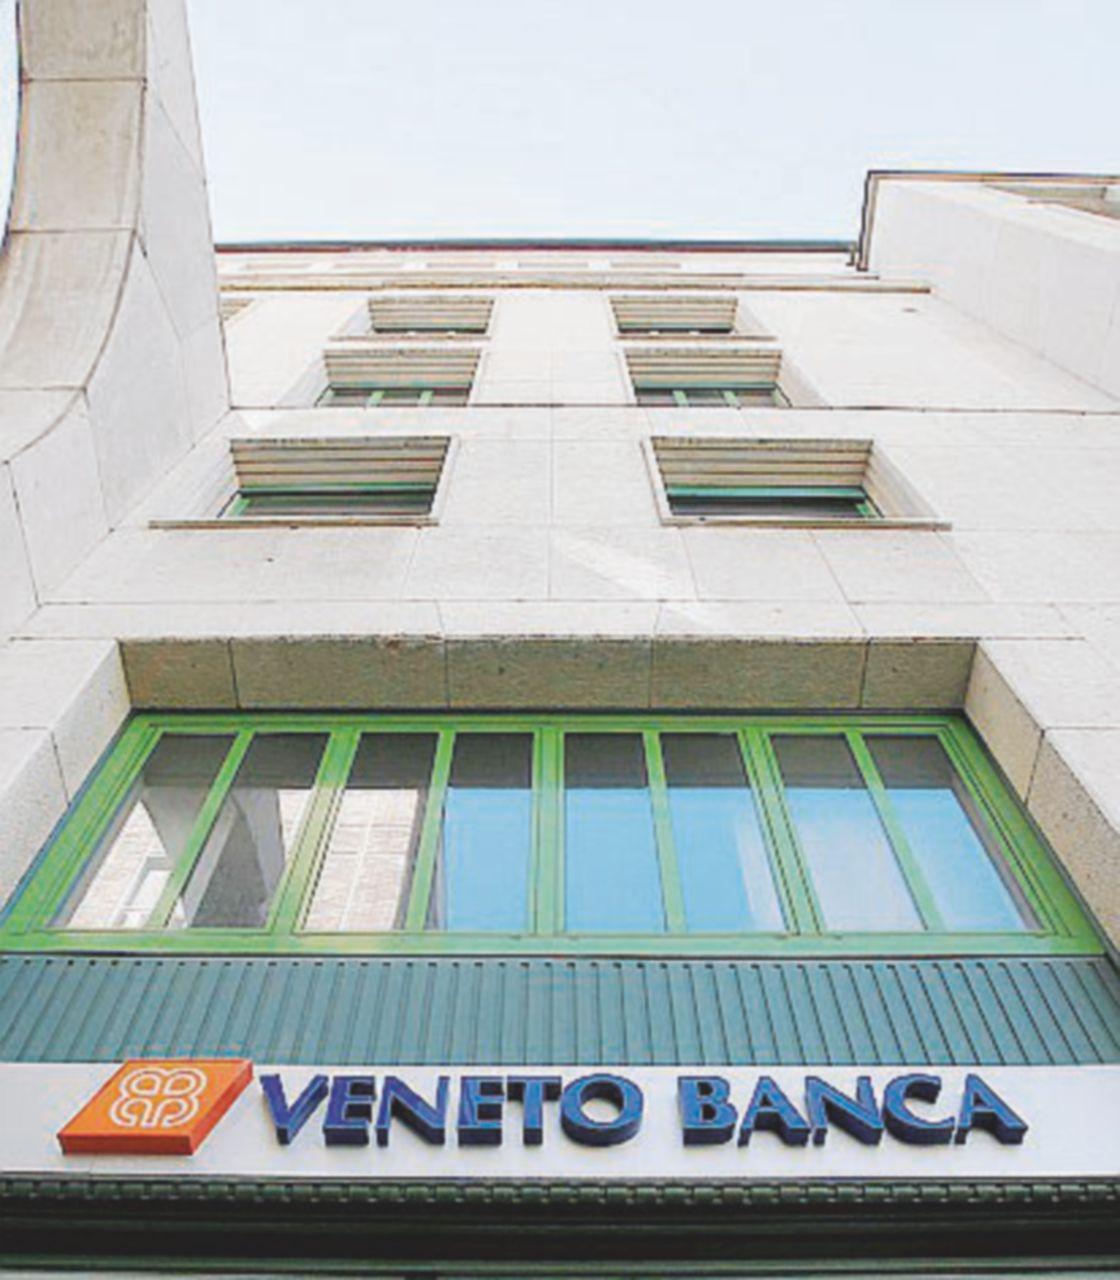 L'auto lanciata contro Veneto Banca